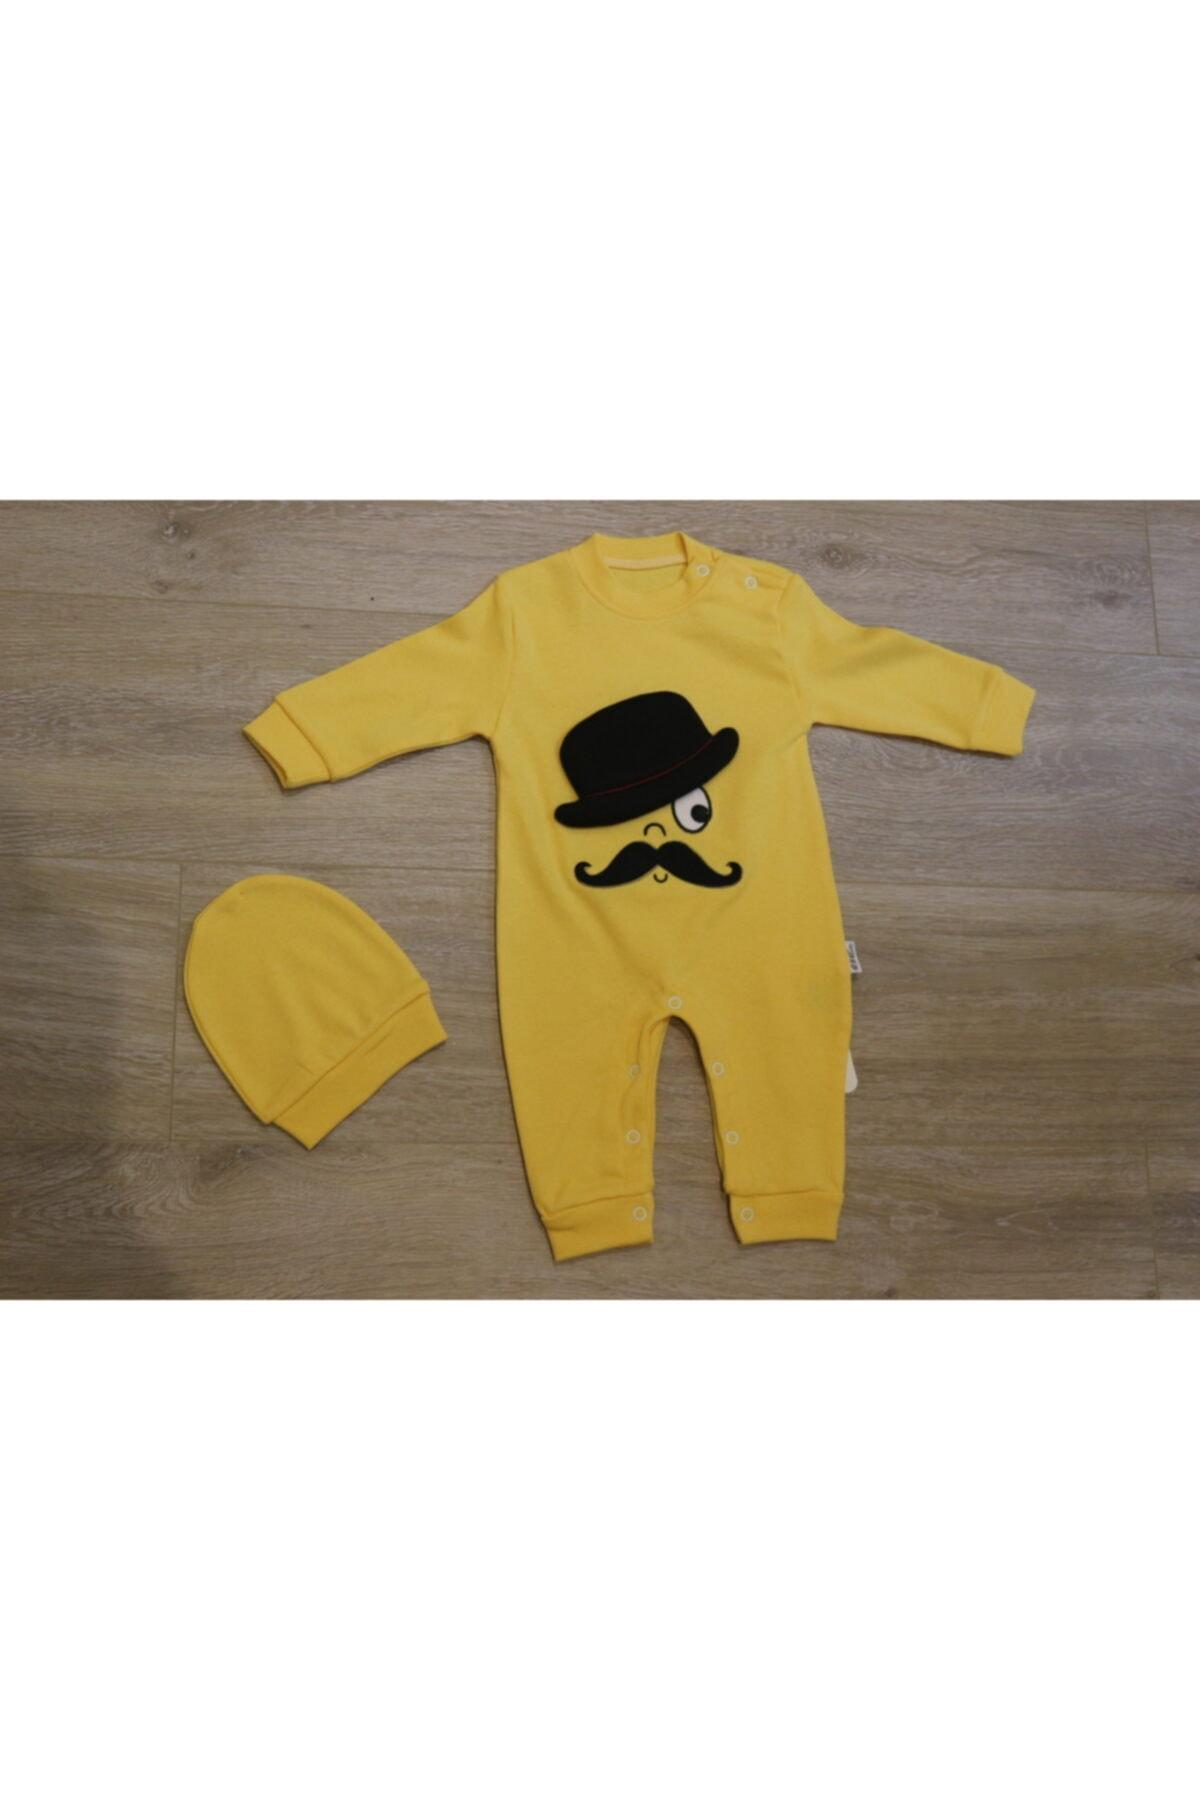 Atalay Çok Şık Şapkalı Amca Detaylı Bebek Takımı - Özel Koleksiyon - %100 Pamuk 1